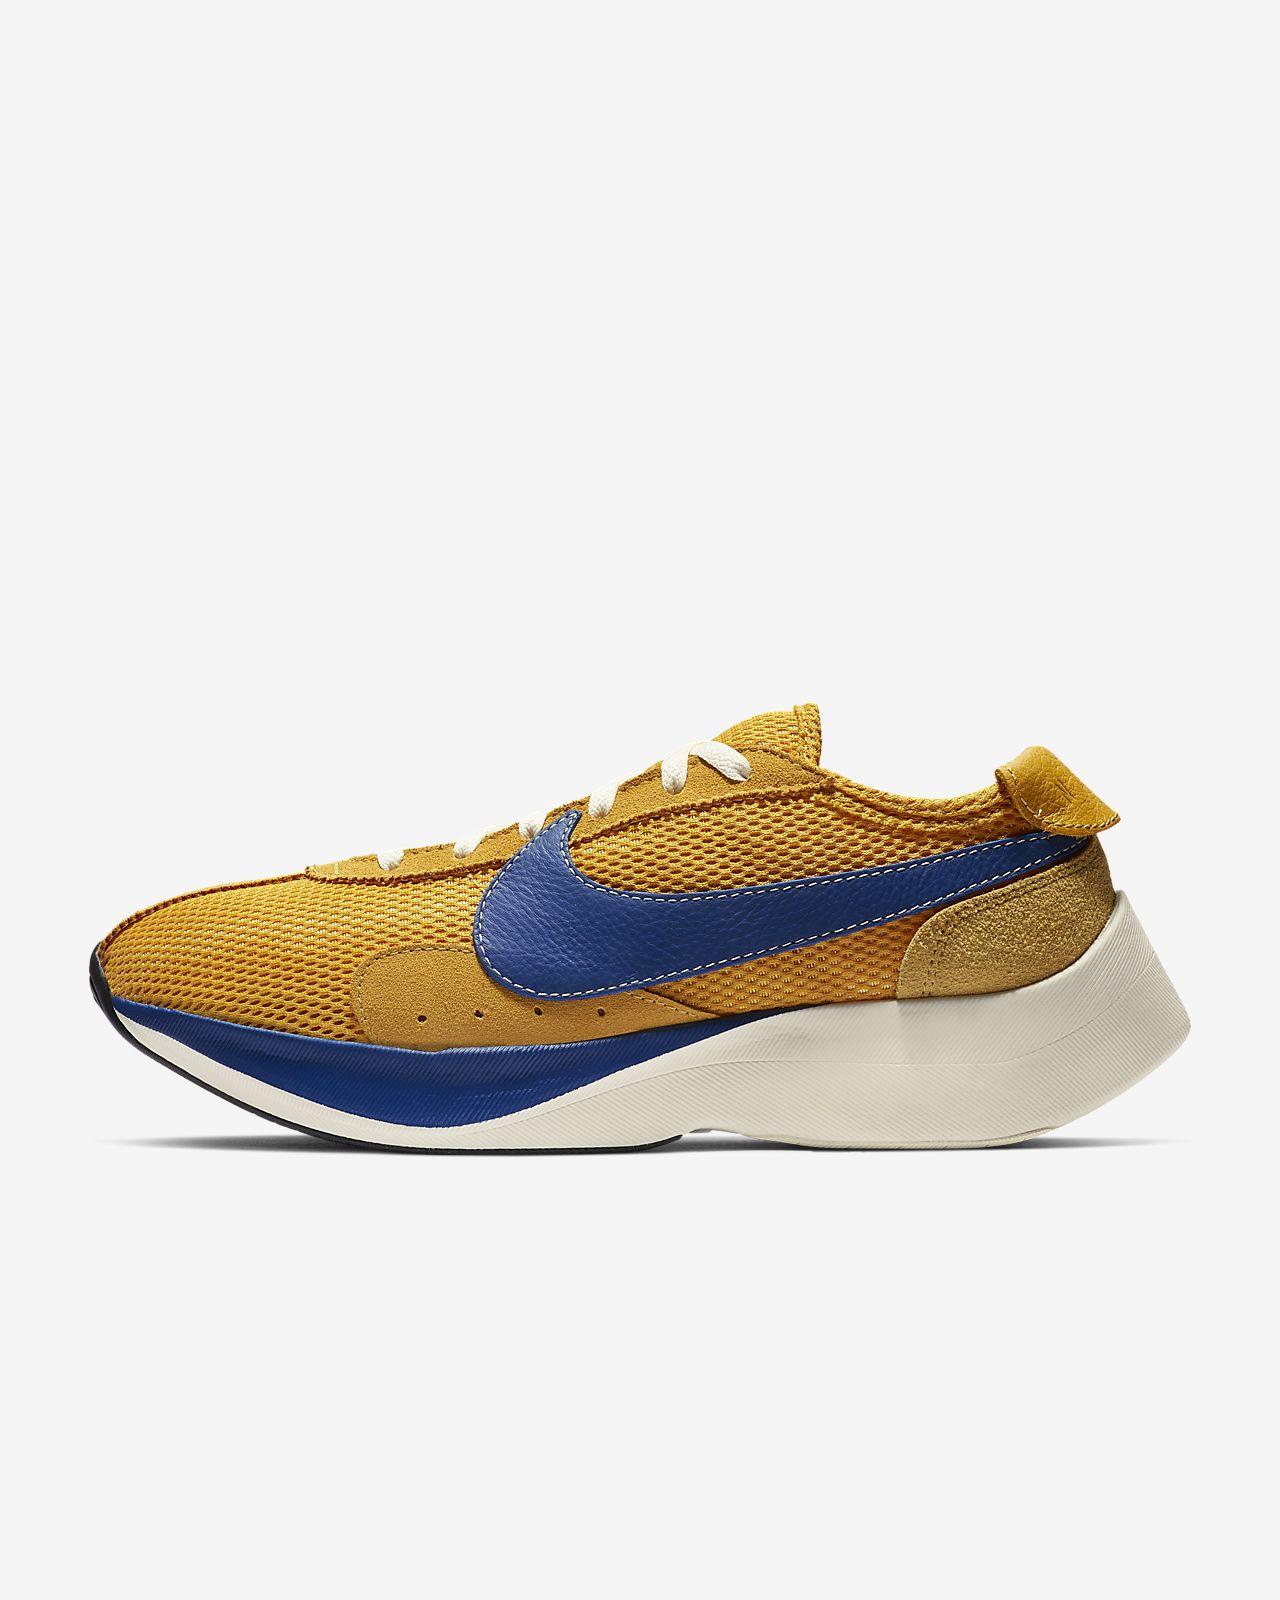 Nike Moon Racer QS herresko